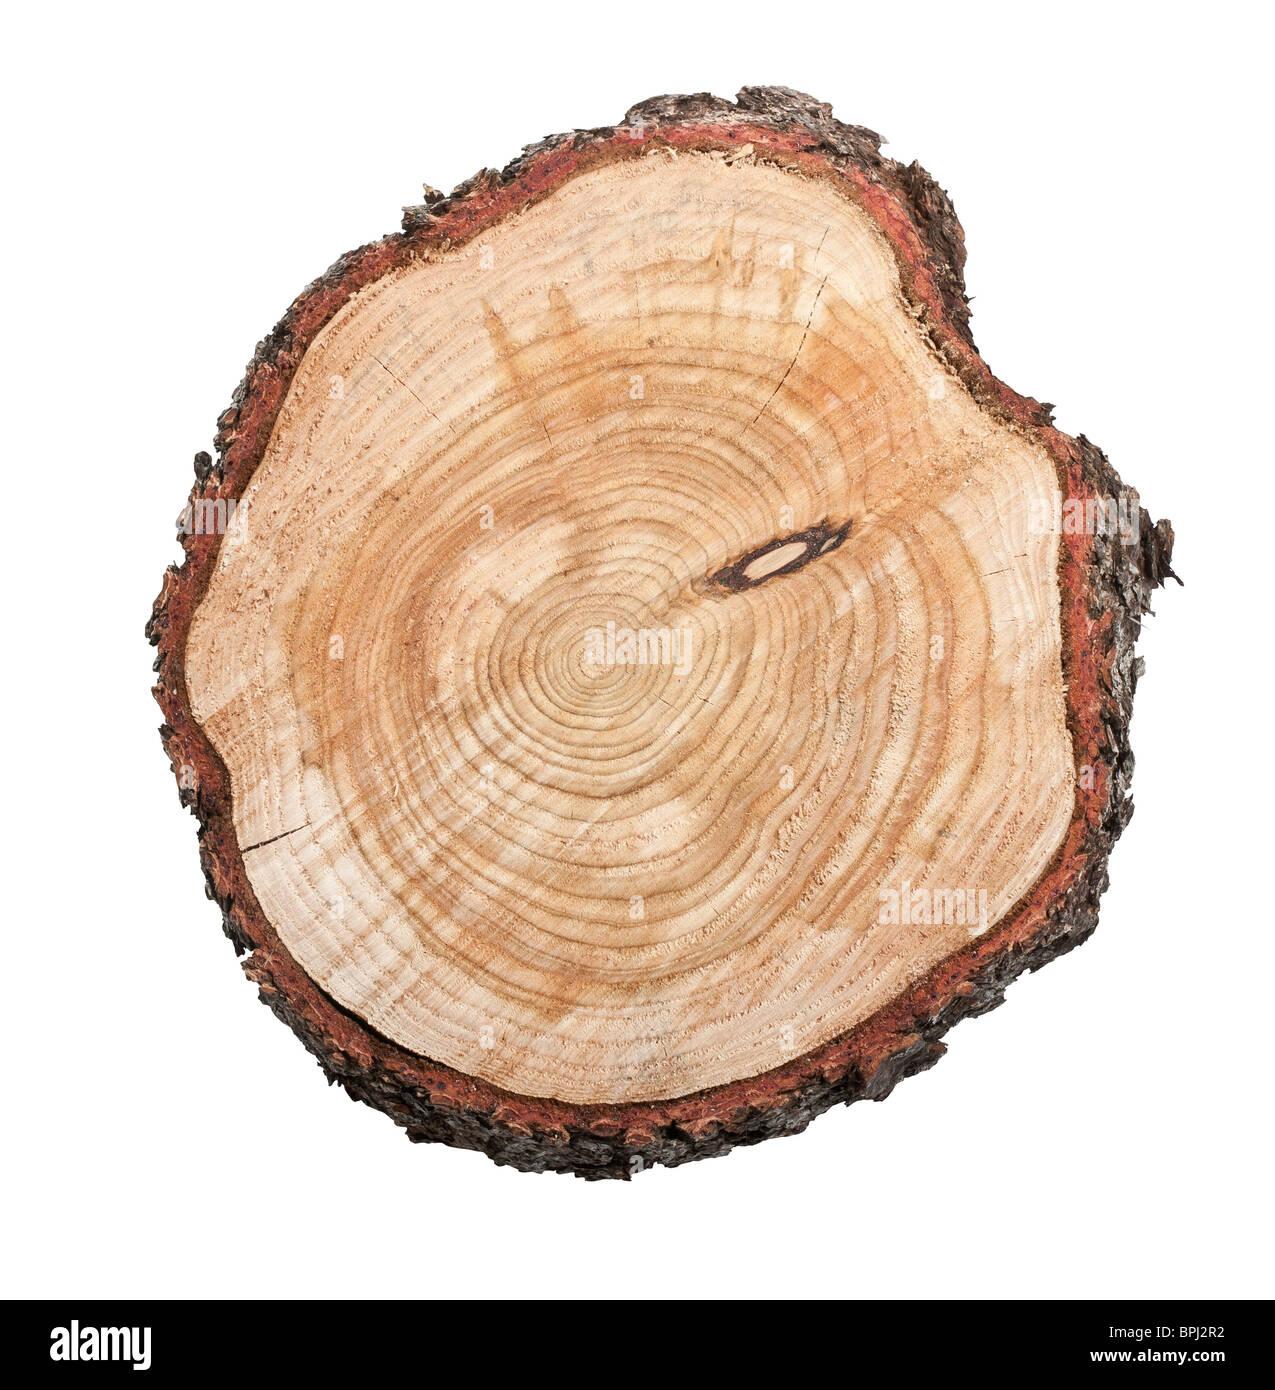 Vista dall'alto di un ceppo di albero isolato su sfondo bianco Immagini Stock